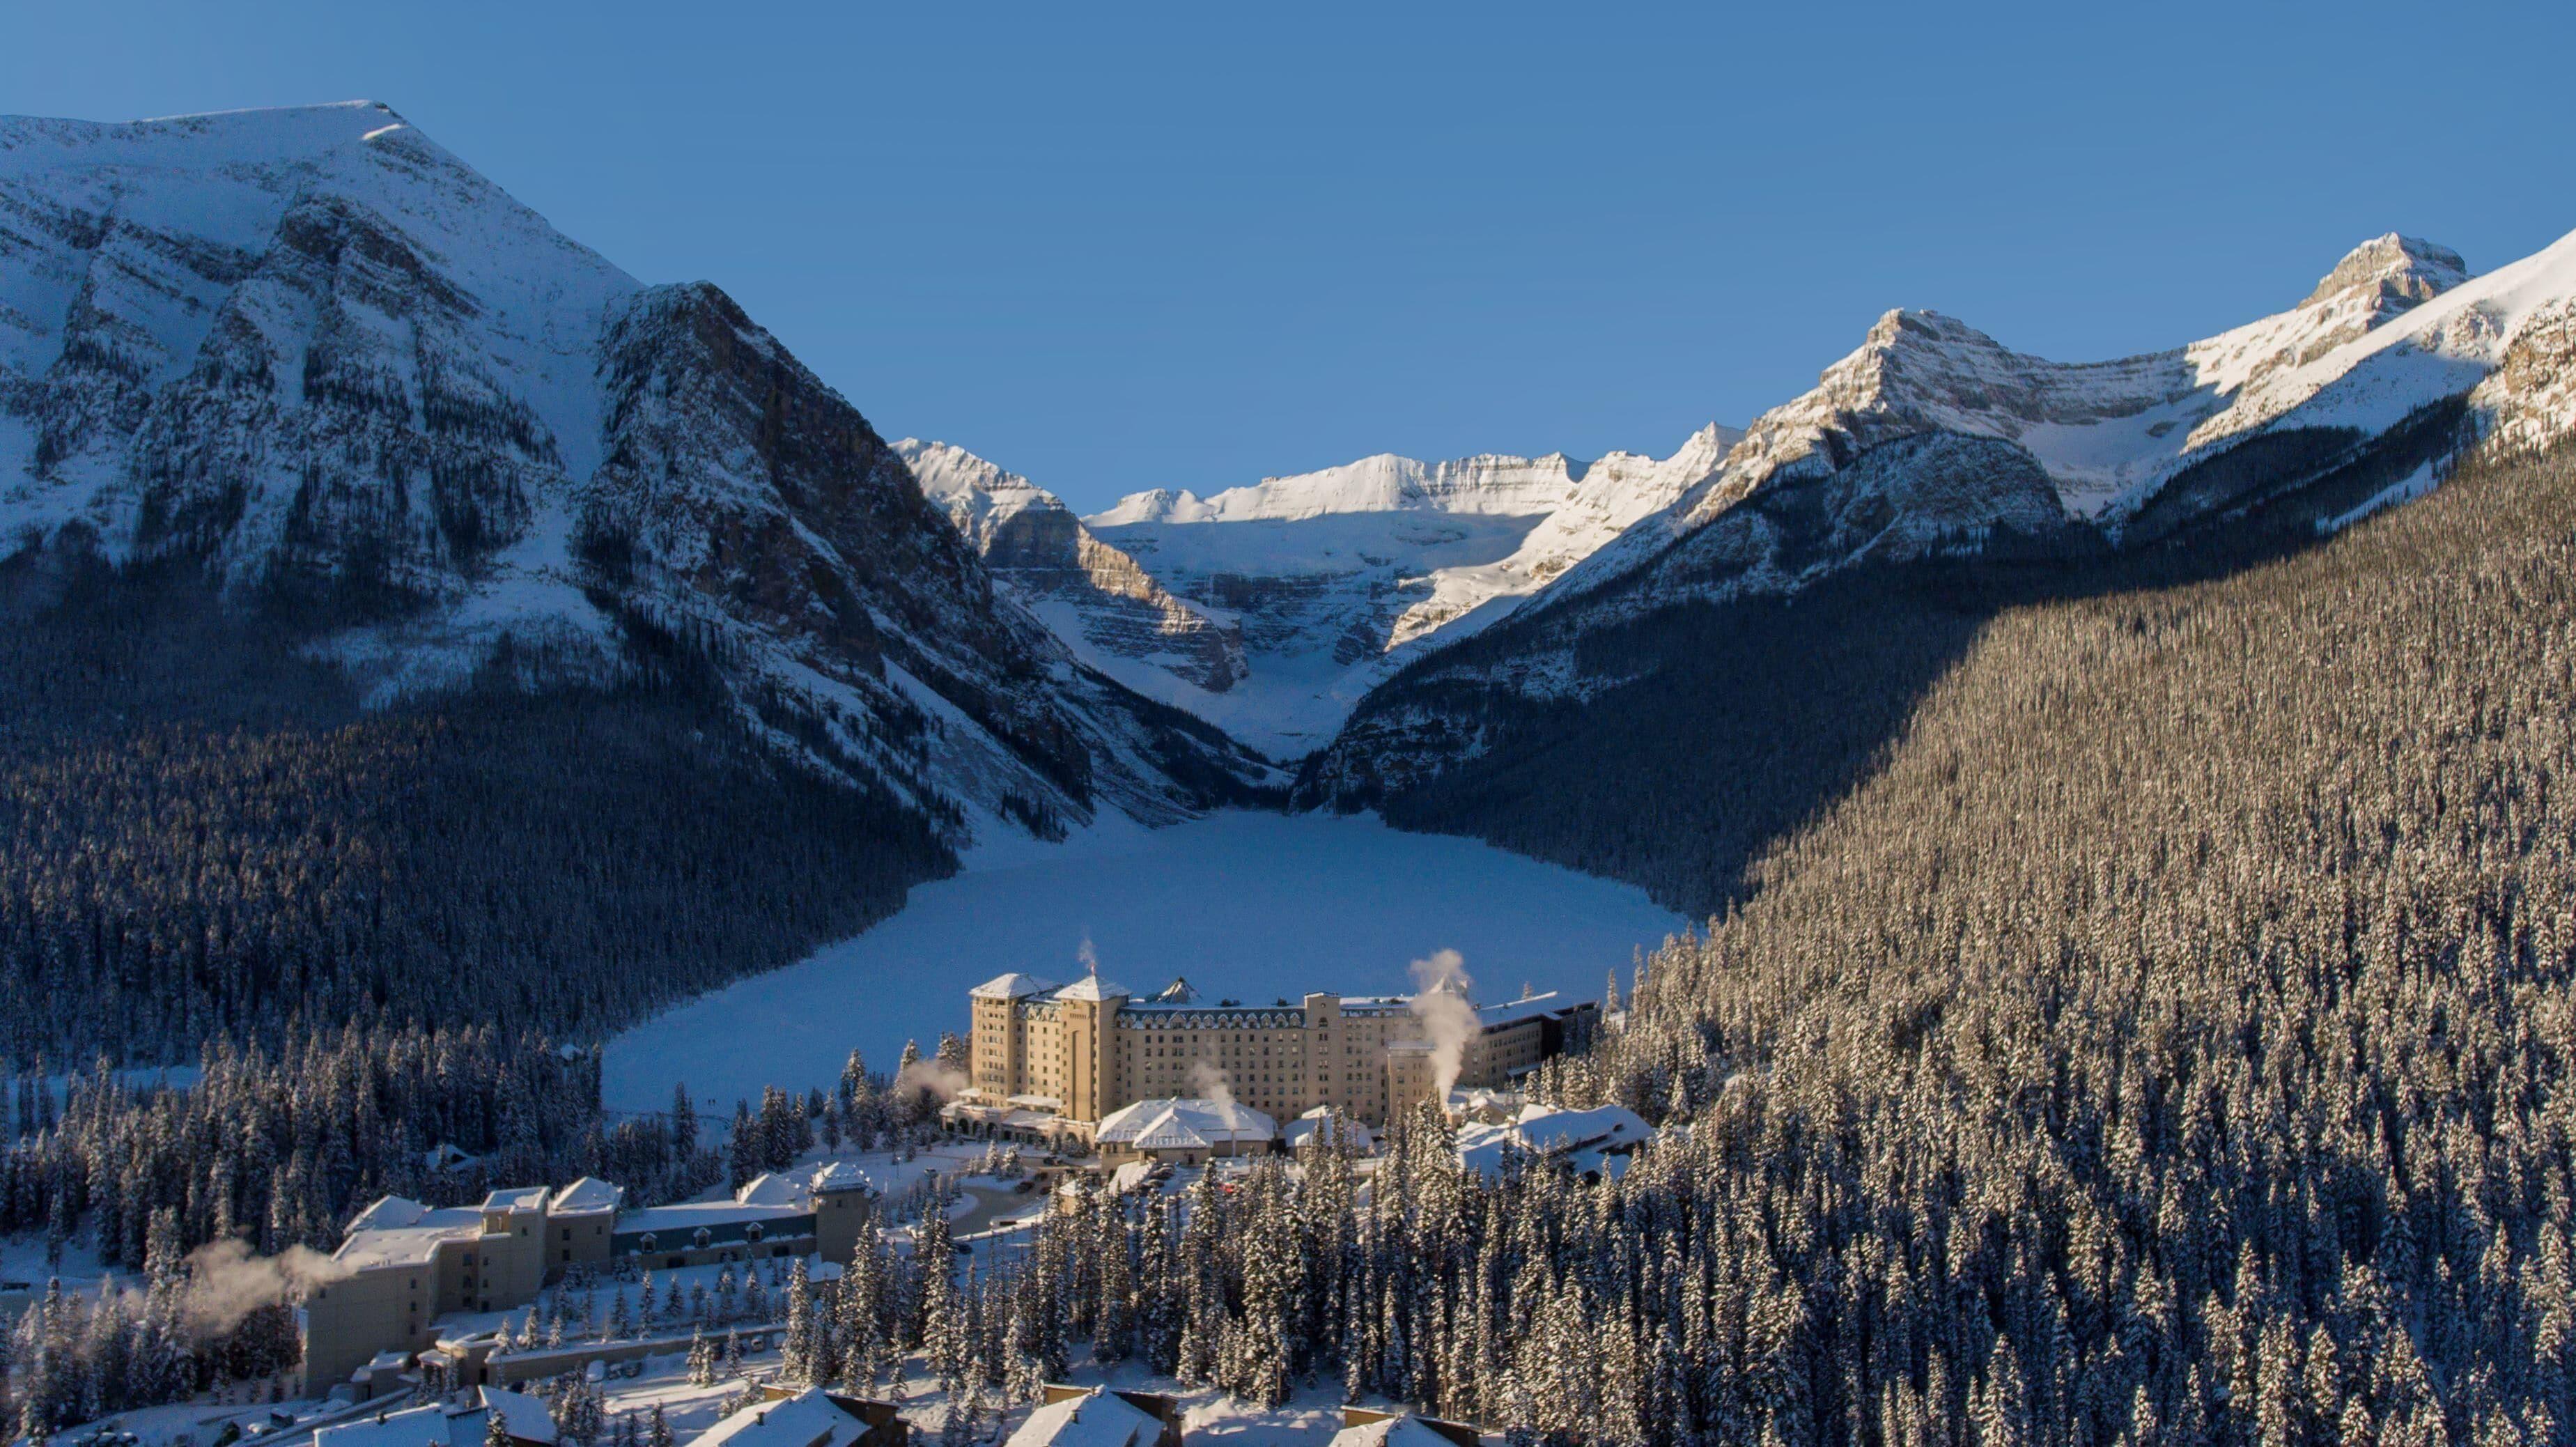 Courtesy of Fairmont Chateau Lake Louise / Expedia